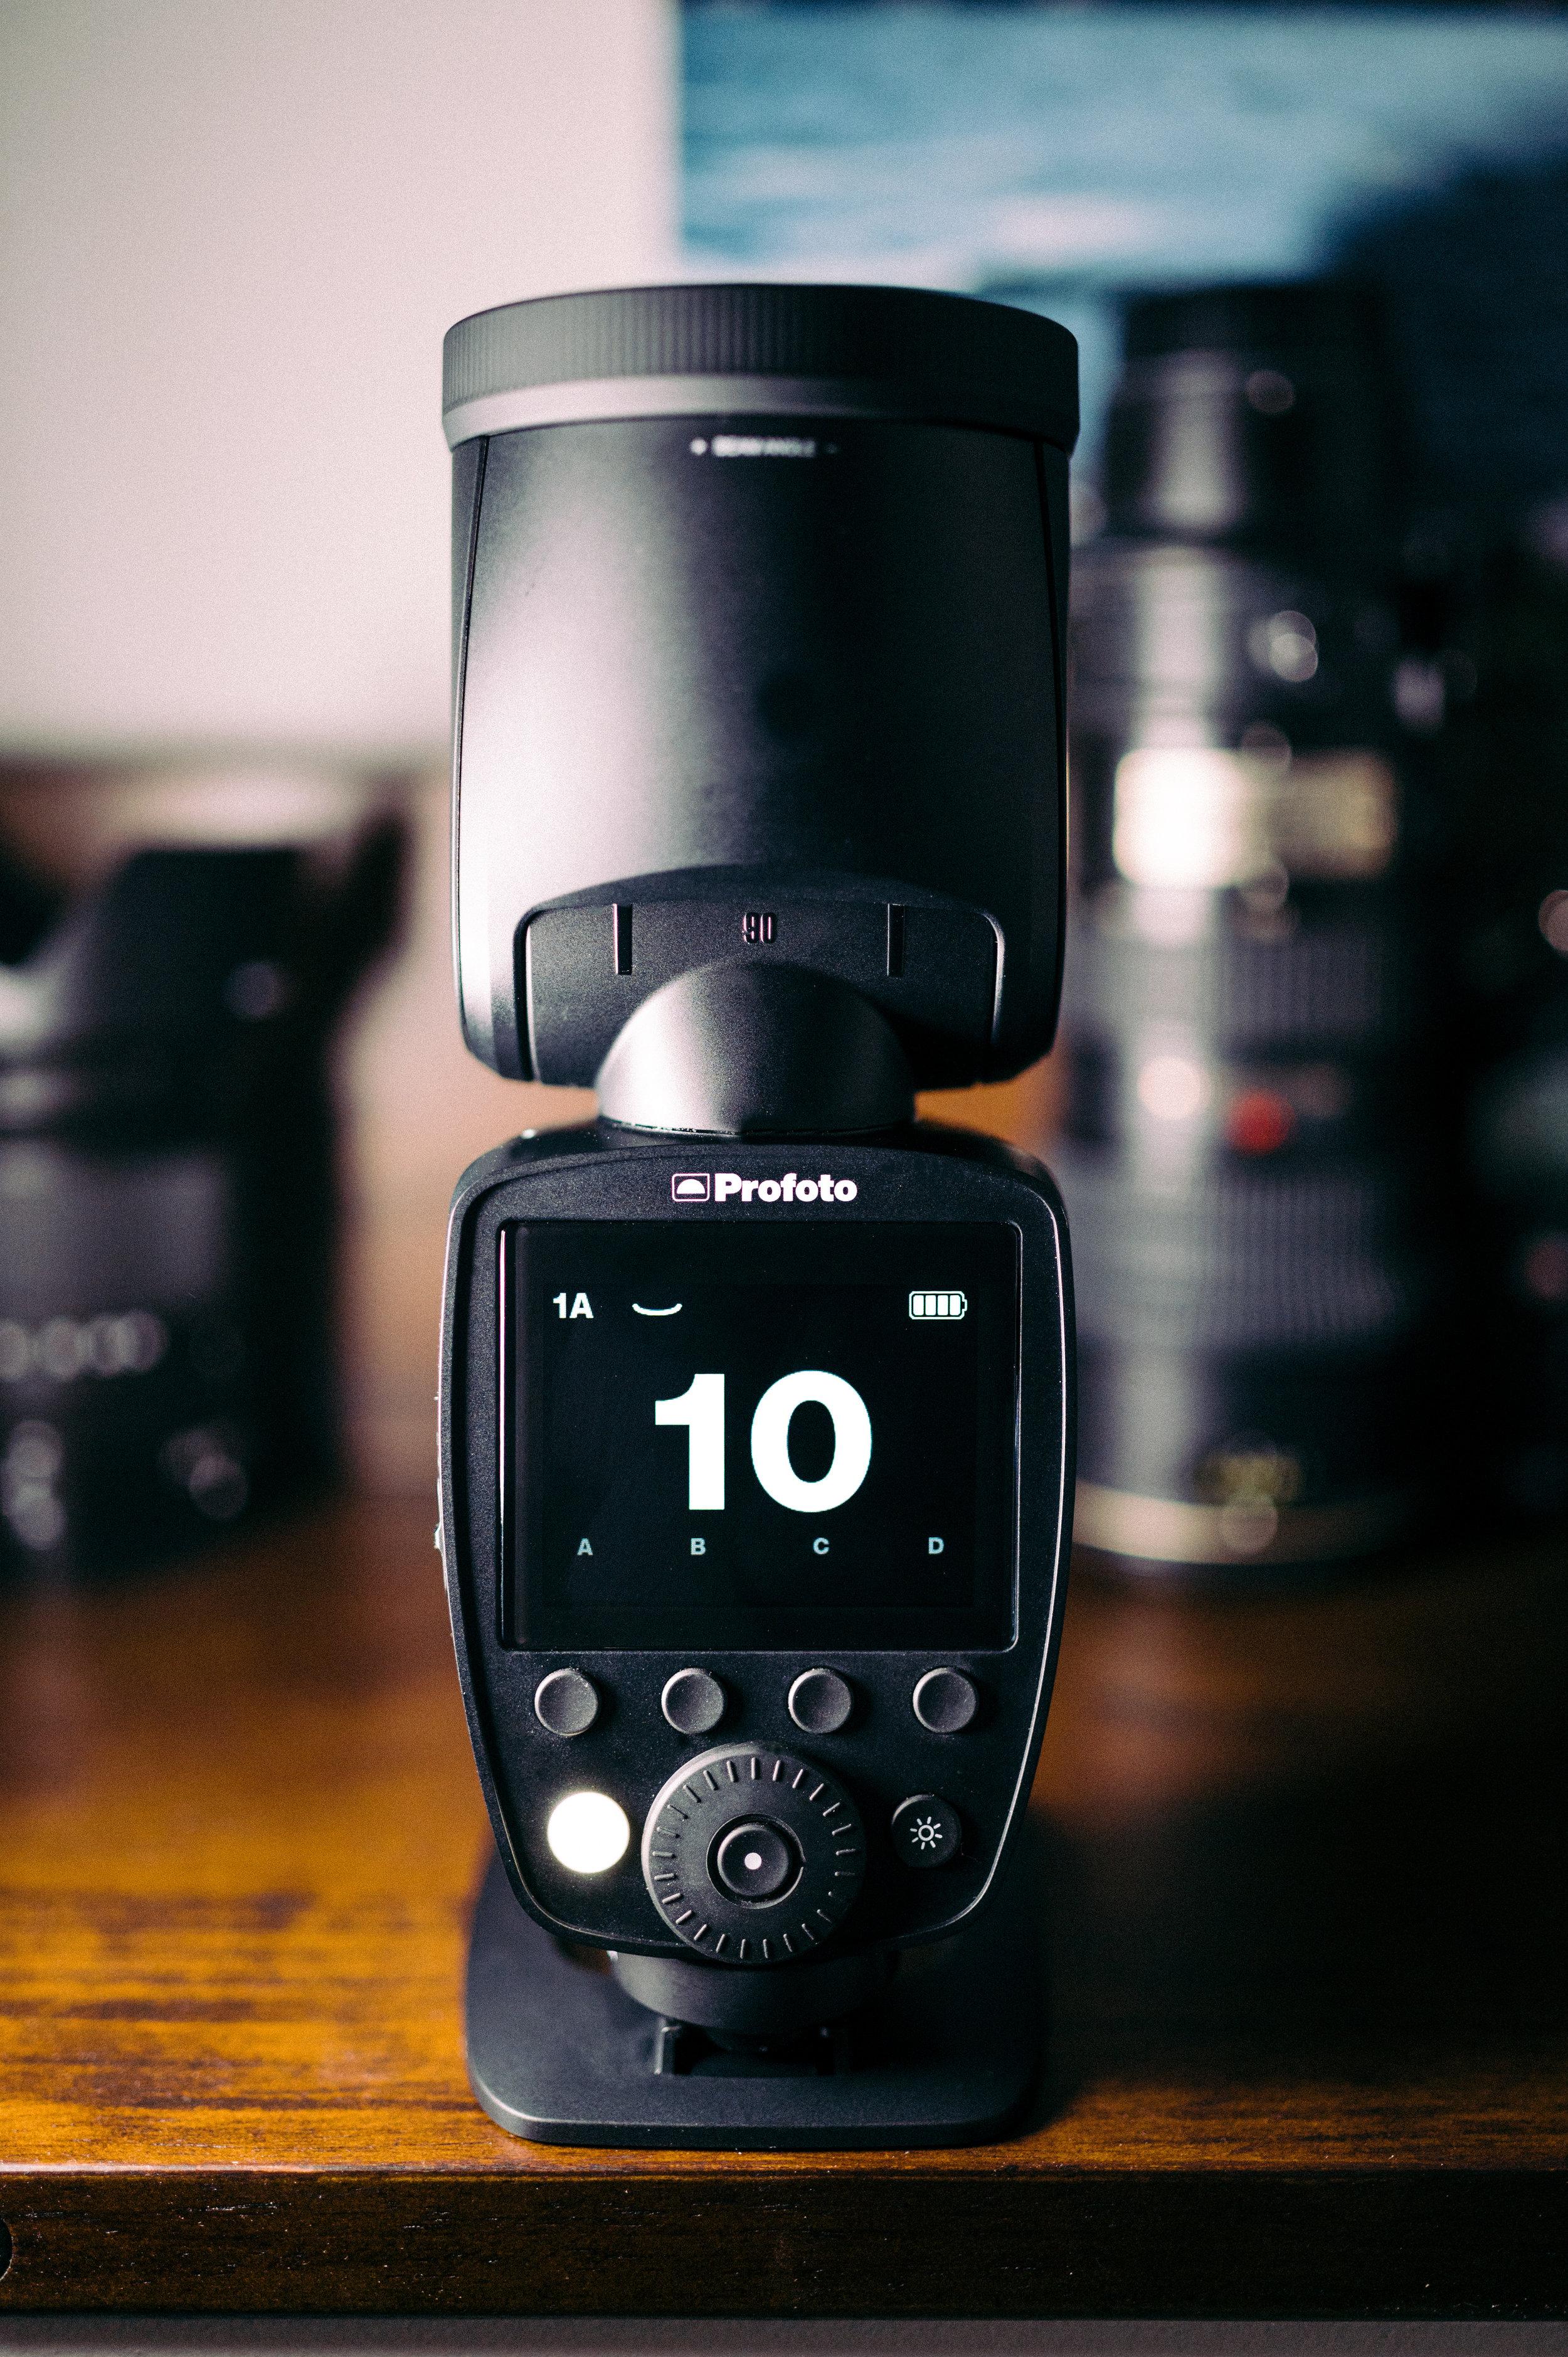 ProfotoA1x-Nikon